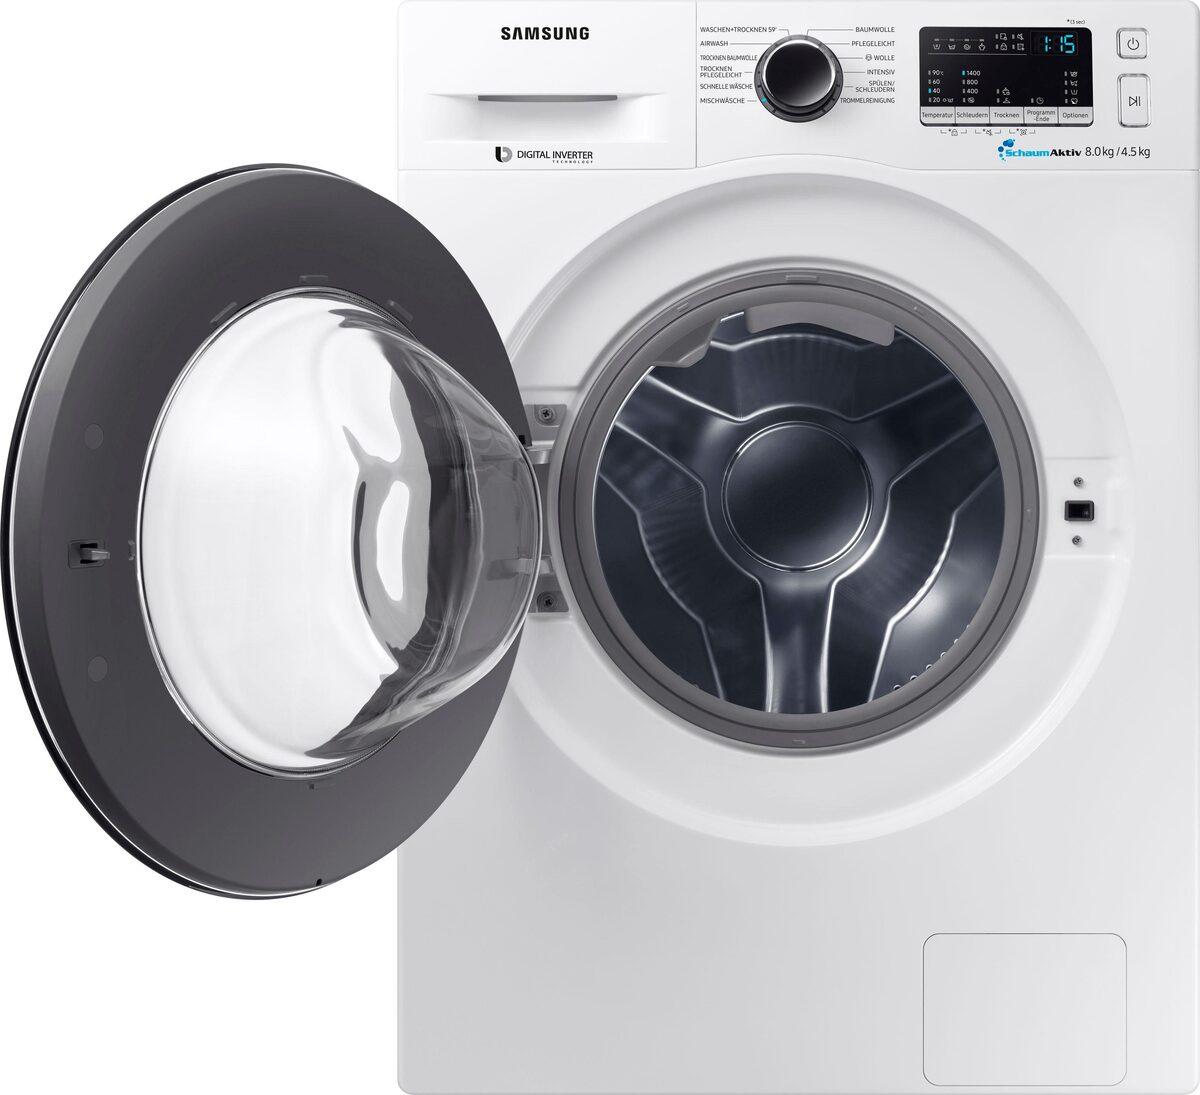 Bild 5 von Samsung Waschtrockner WD8EM4A33JW, 8 kg/4,5 kg, 1400 U/Min